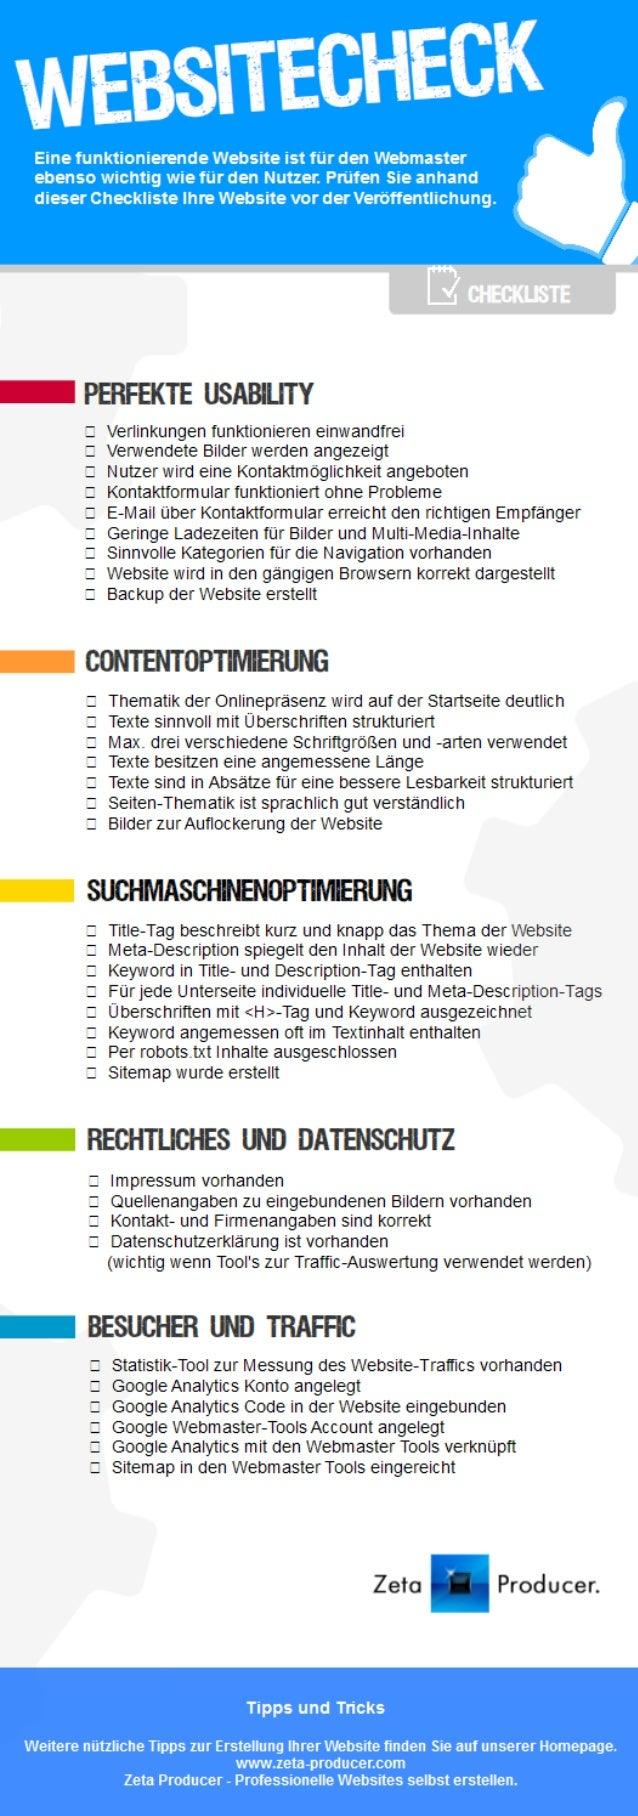 Zeta Producer Desktop CMS - Website Checkliste